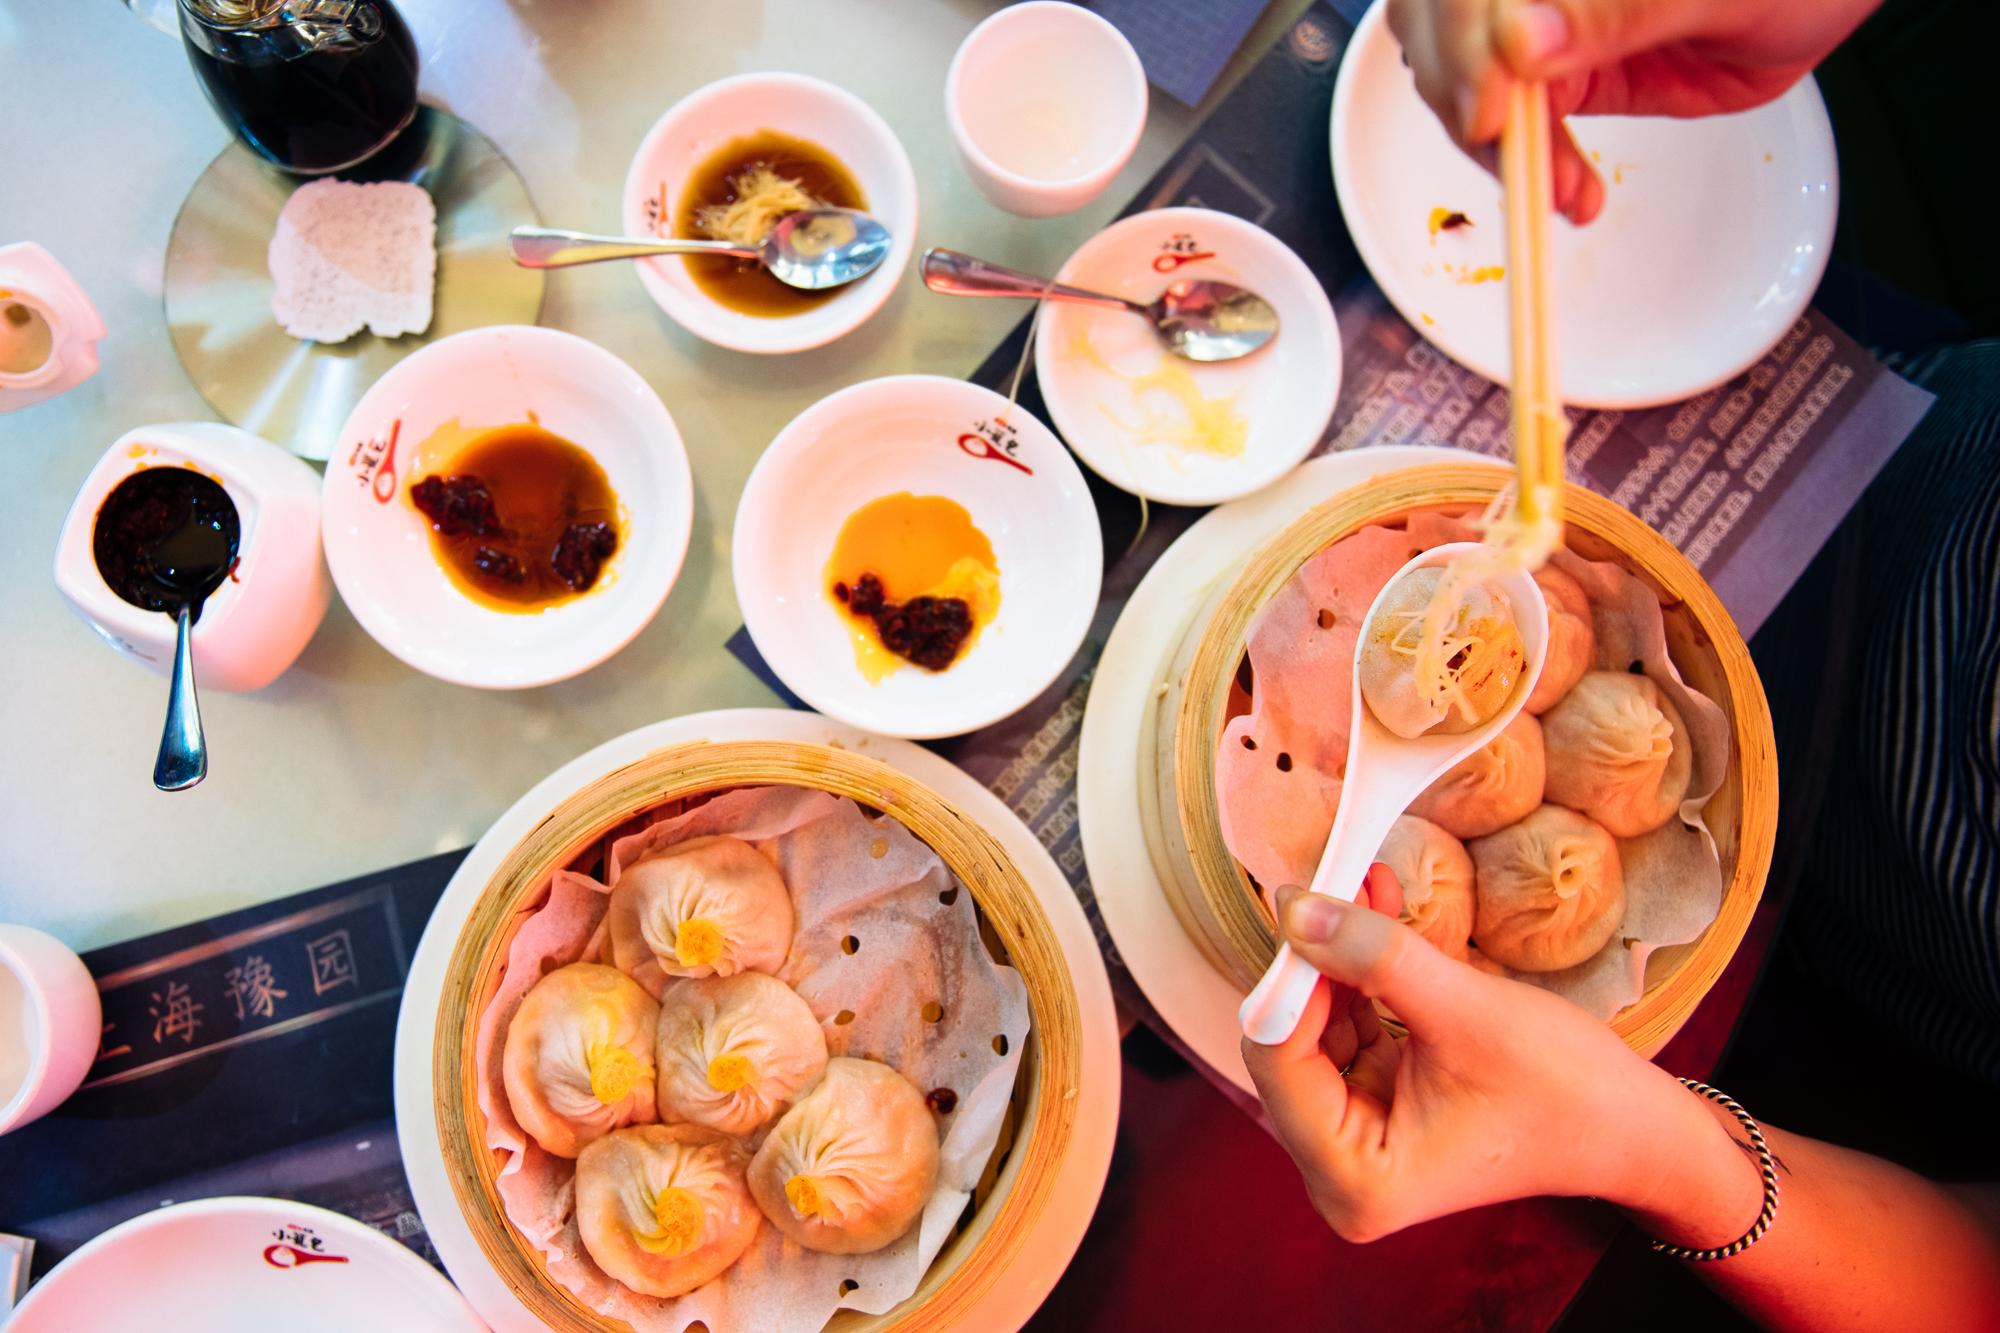 Xiao long bao (soup dumplings) at Shanghai You Garden Dumpling House in Flushing, Queens